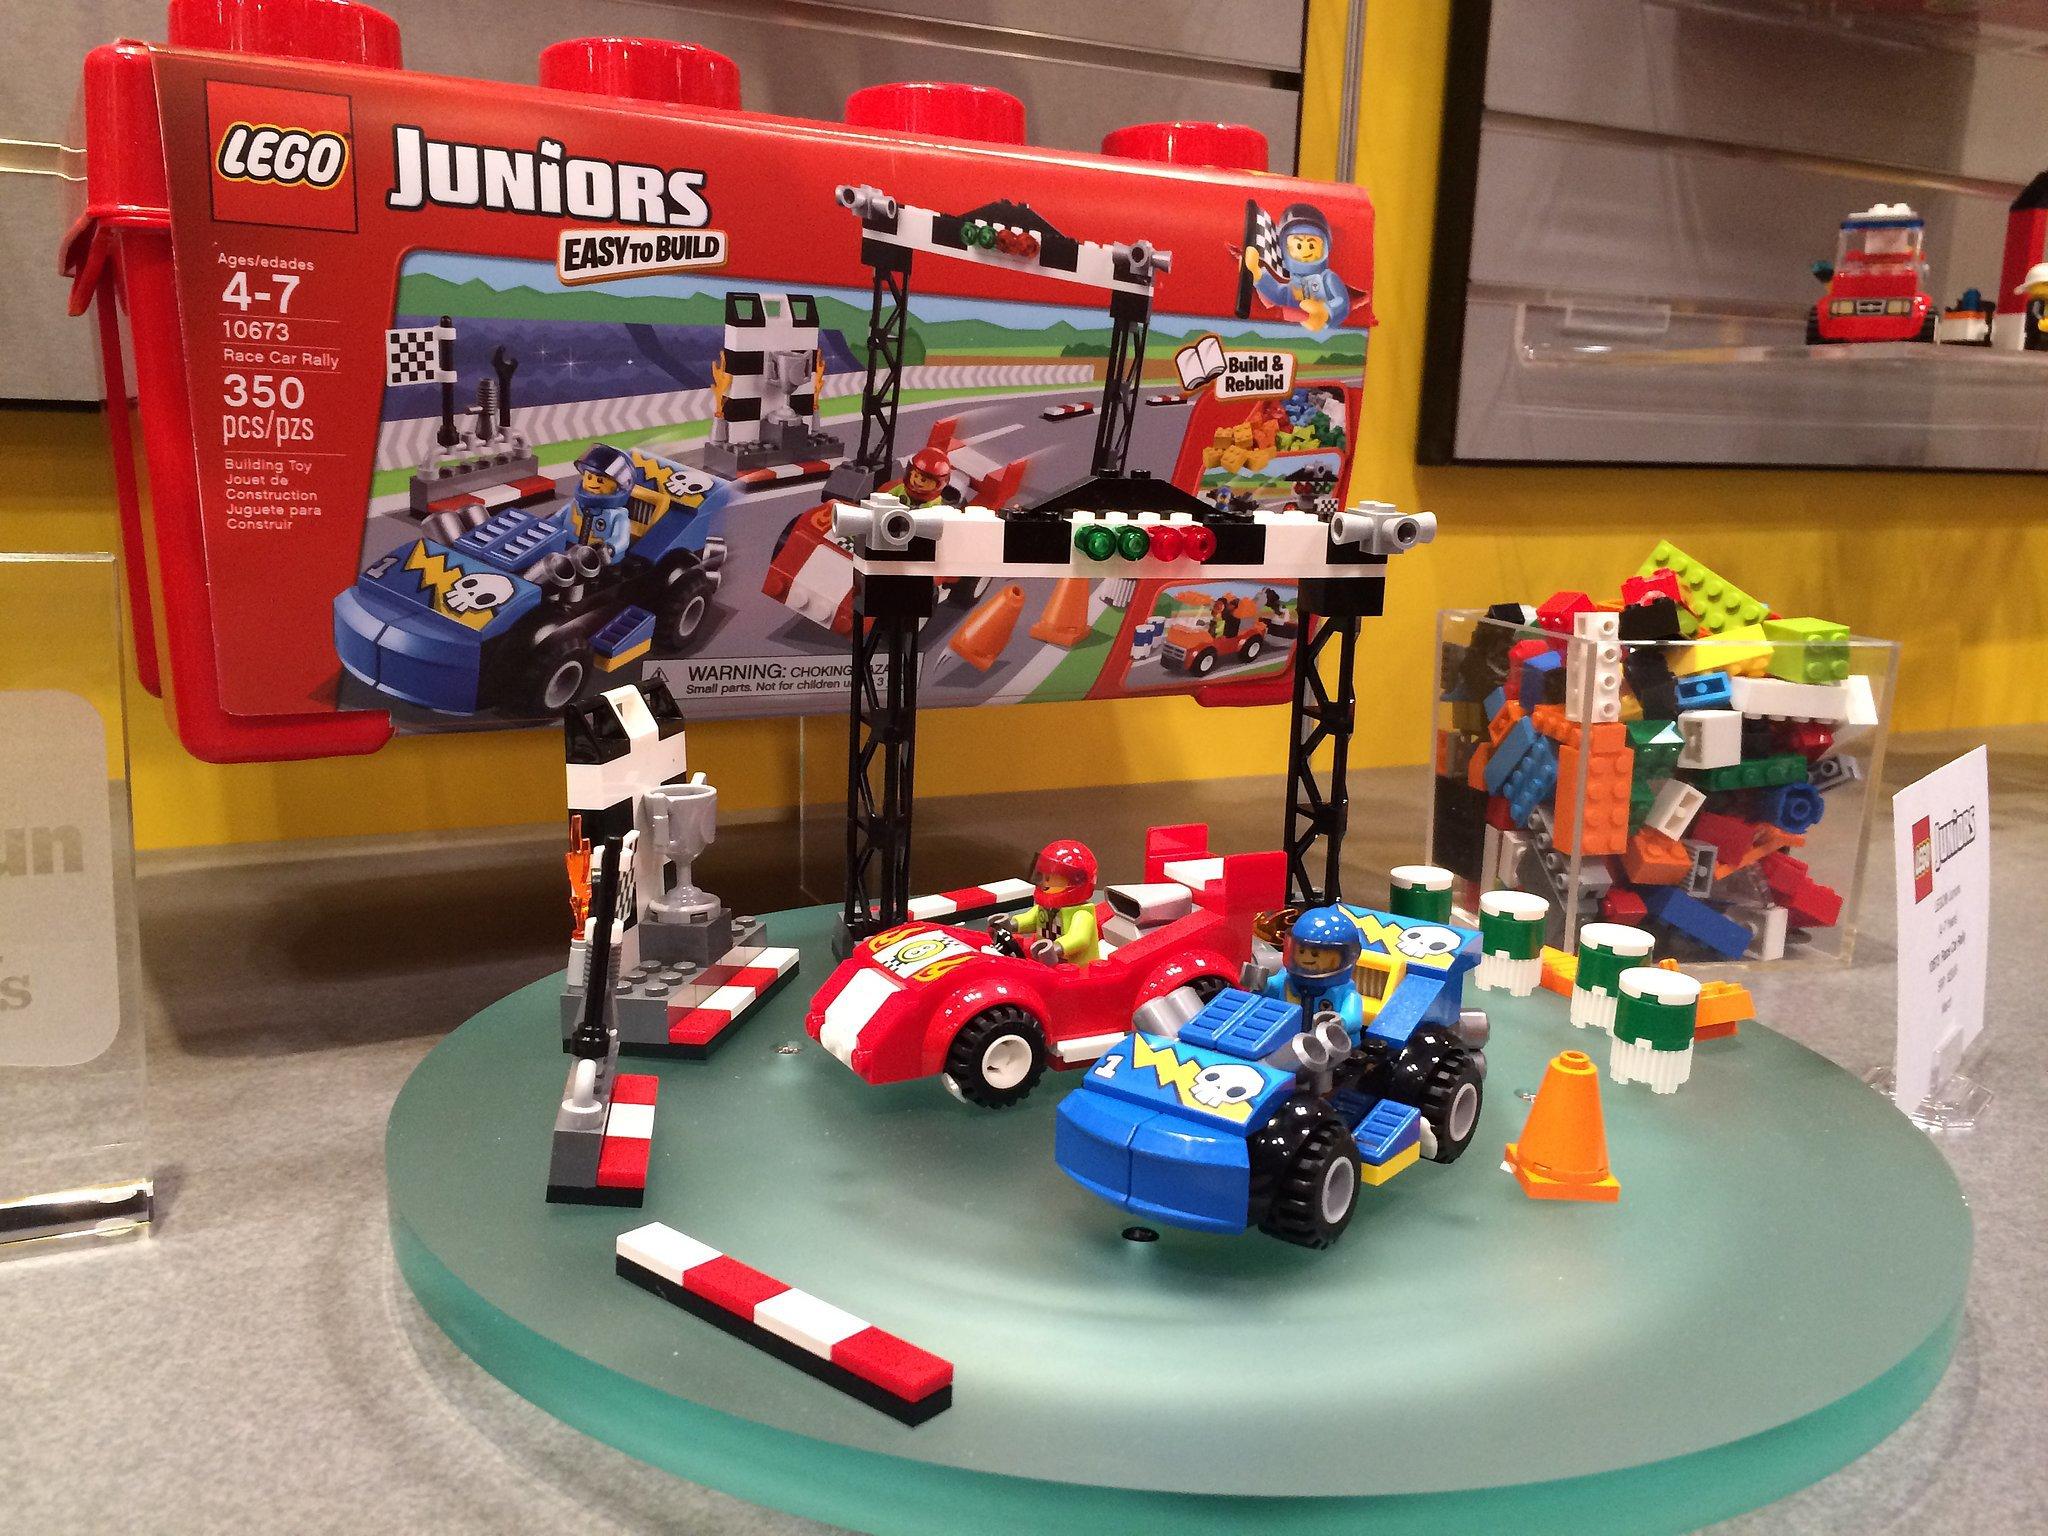 Lego Juniors Introduction